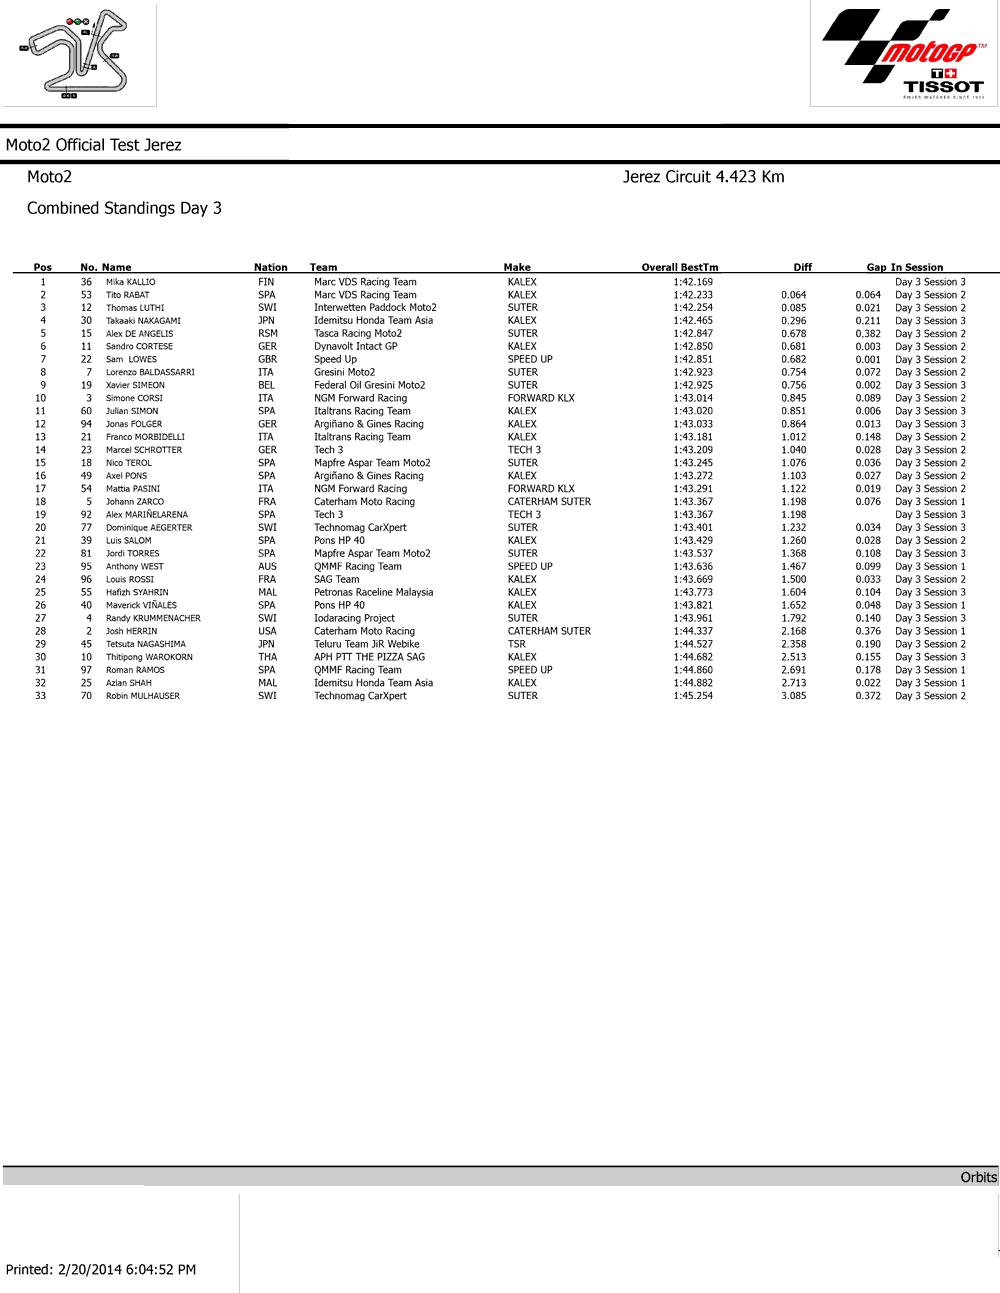 Результаты третьего заключительного дня официальных тестов Moto2 2014 в Хересе